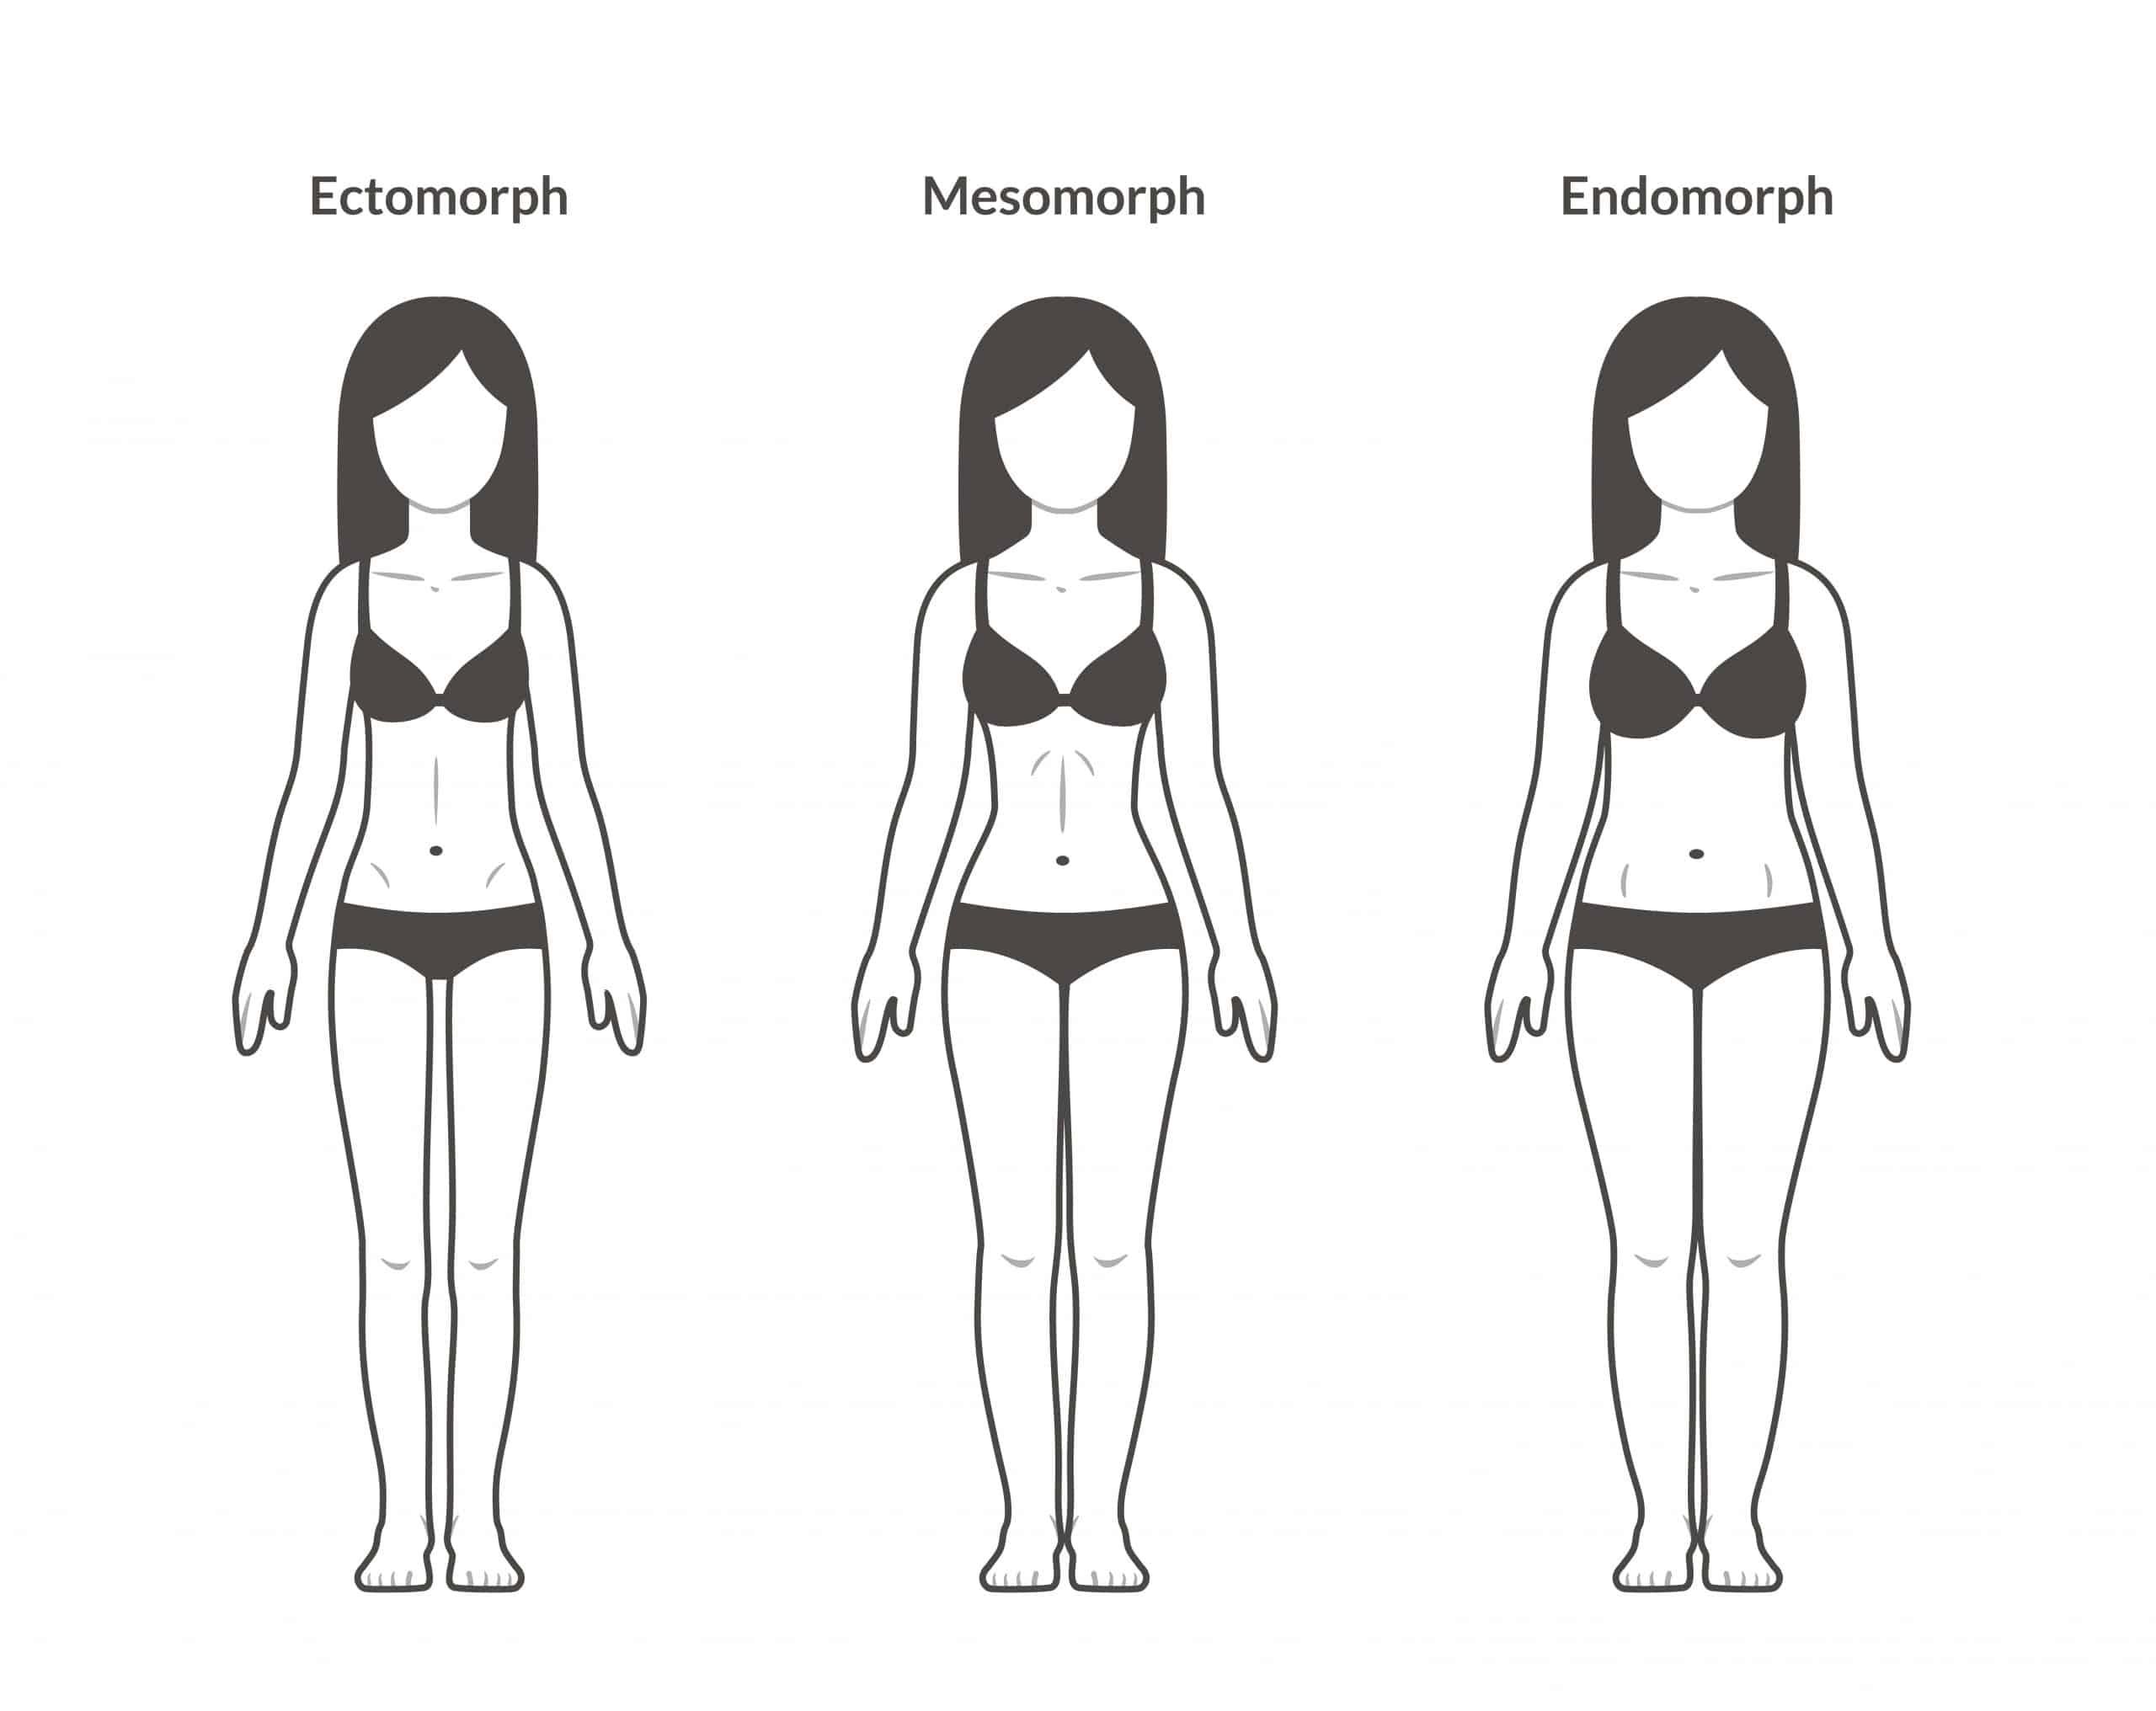 Female body types